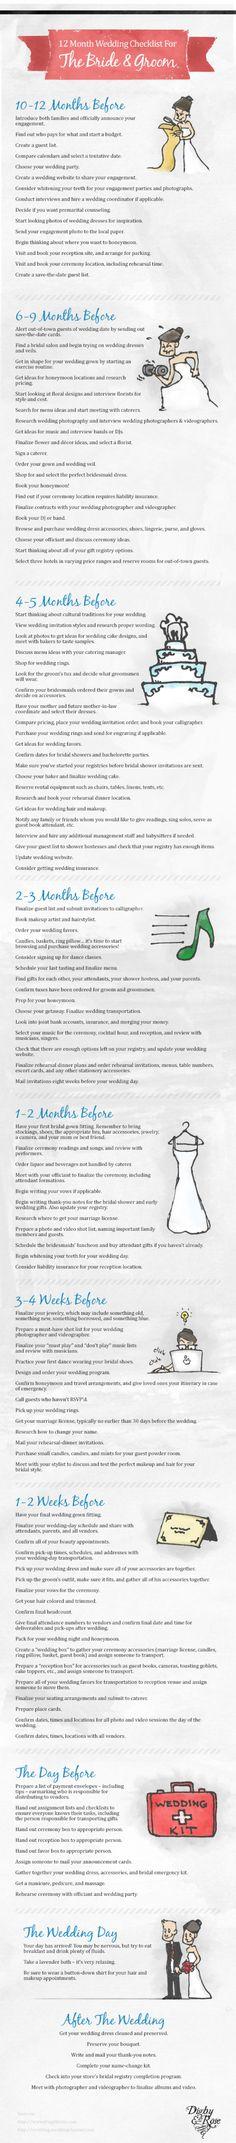 Wedding Planning Guide & Checklist